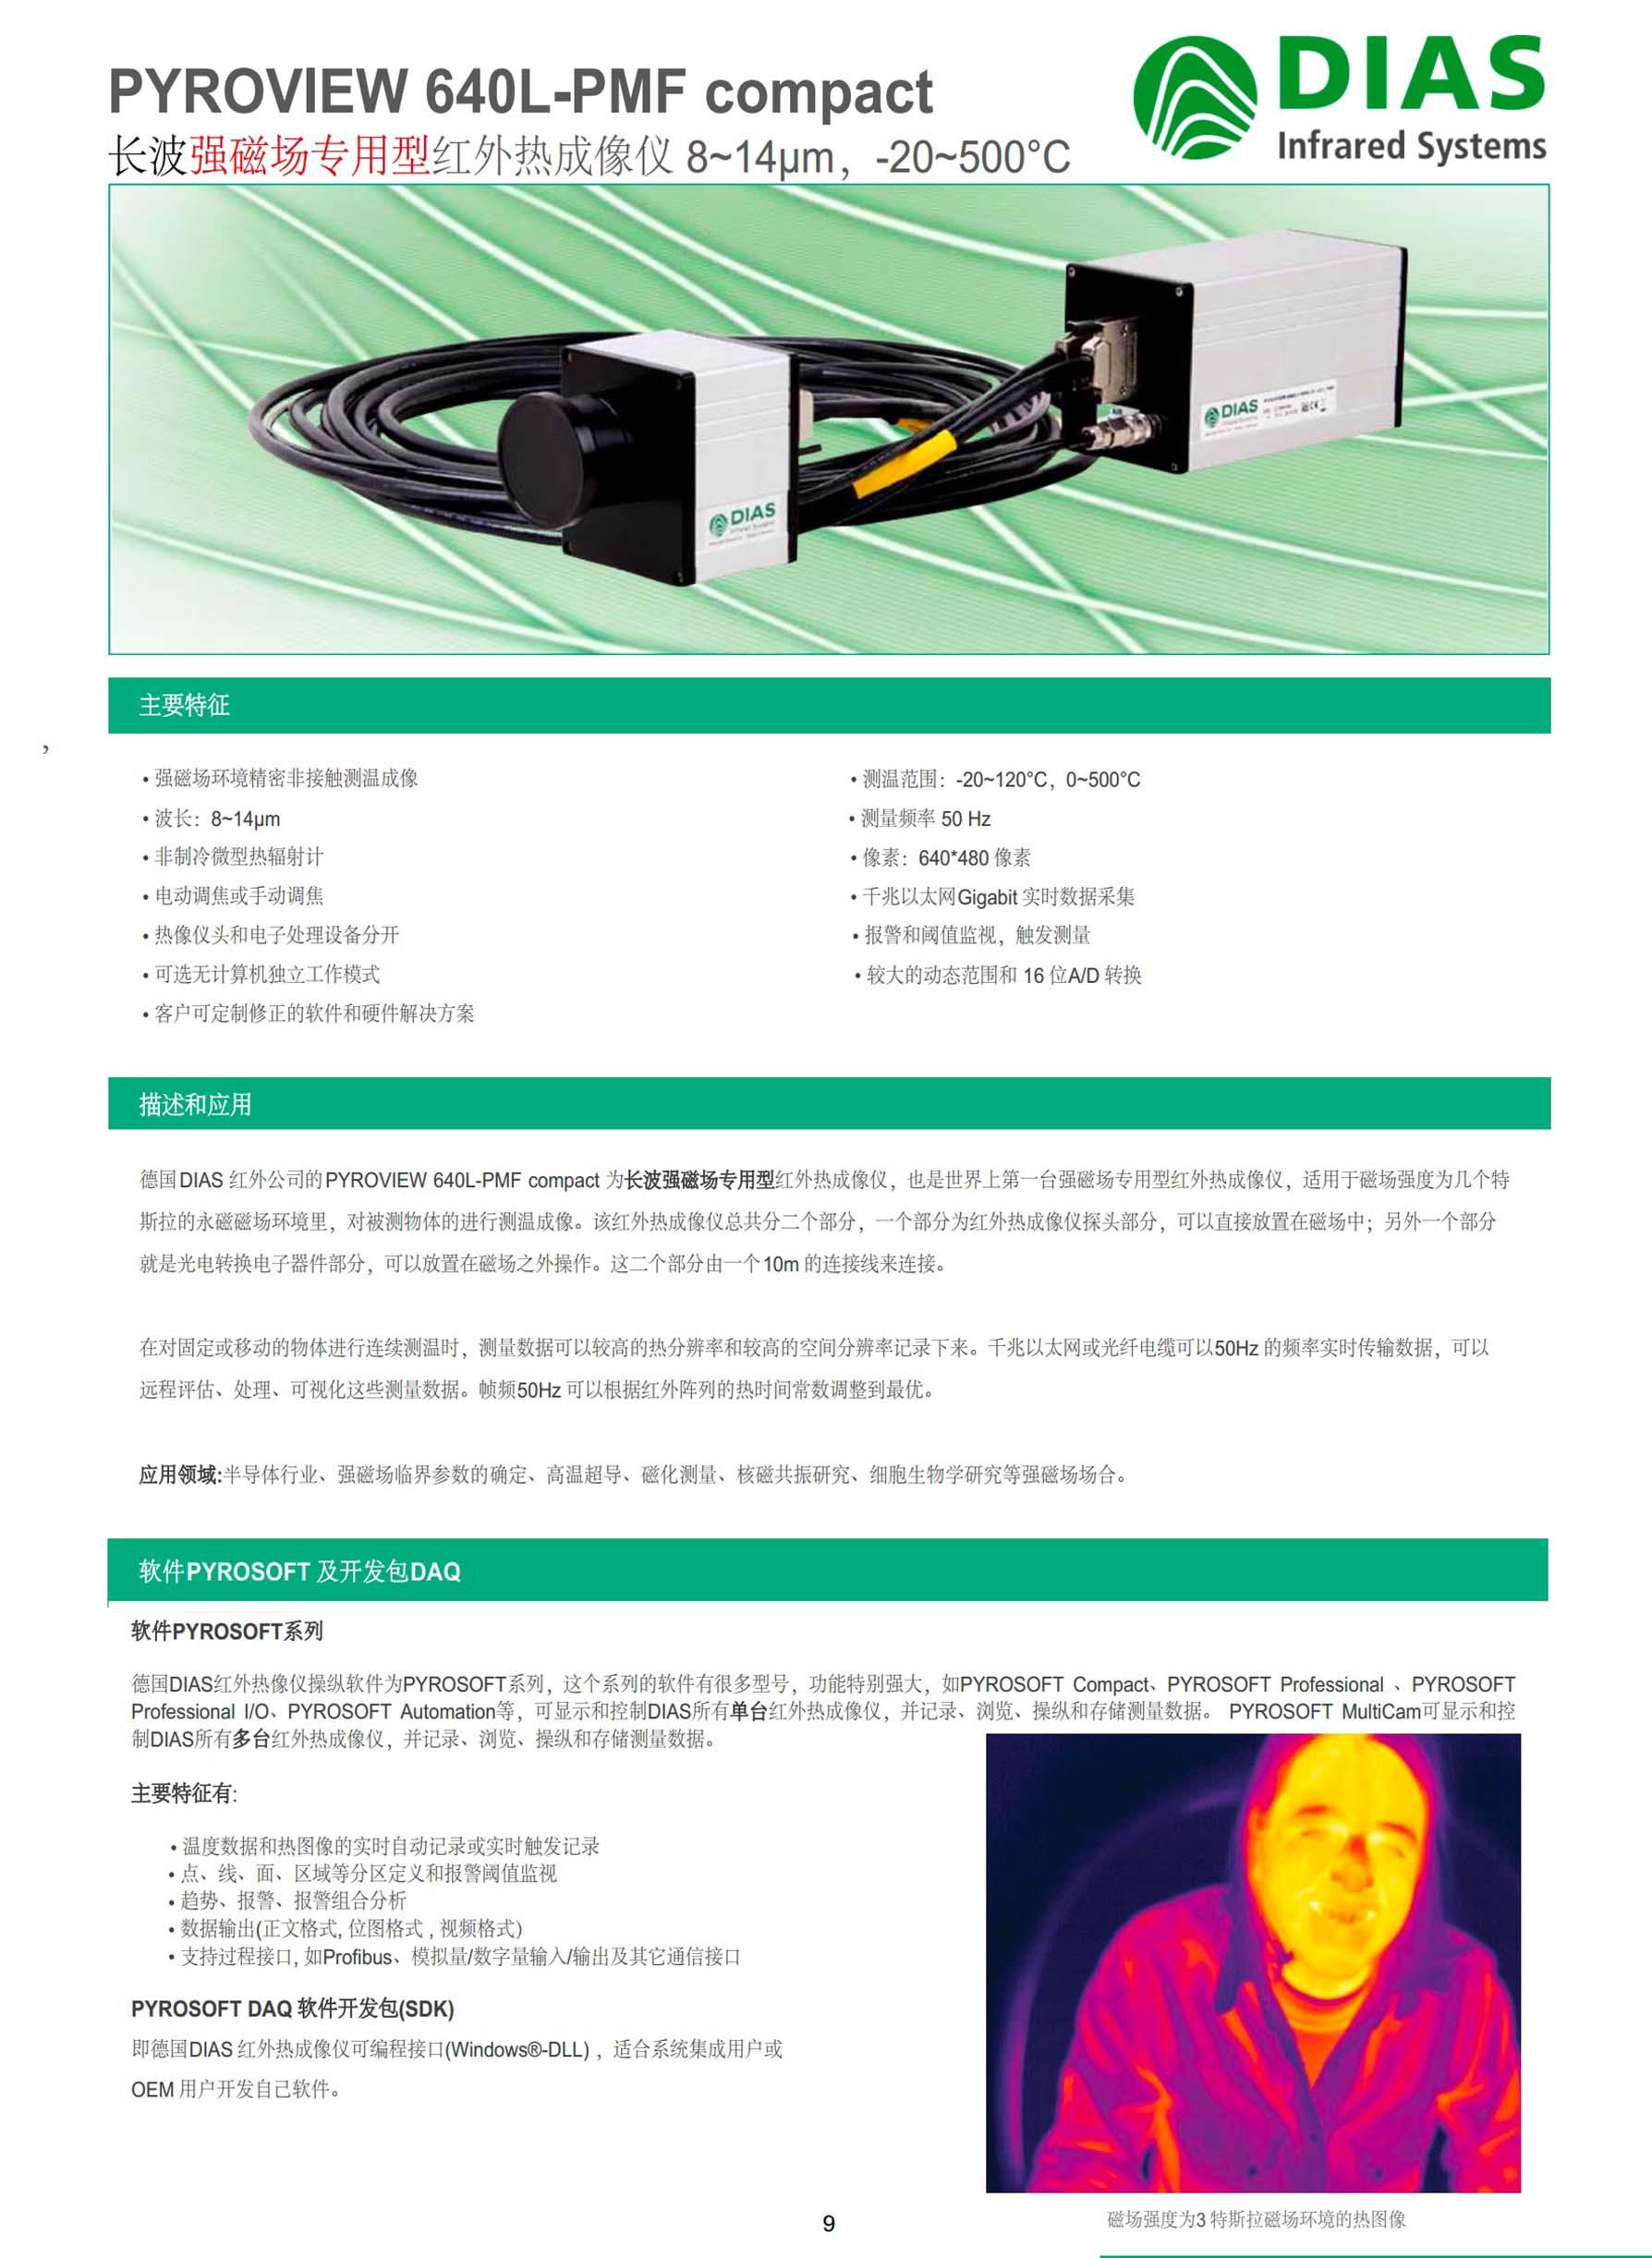 德国DIAS强磁场专用型红外热成像仪